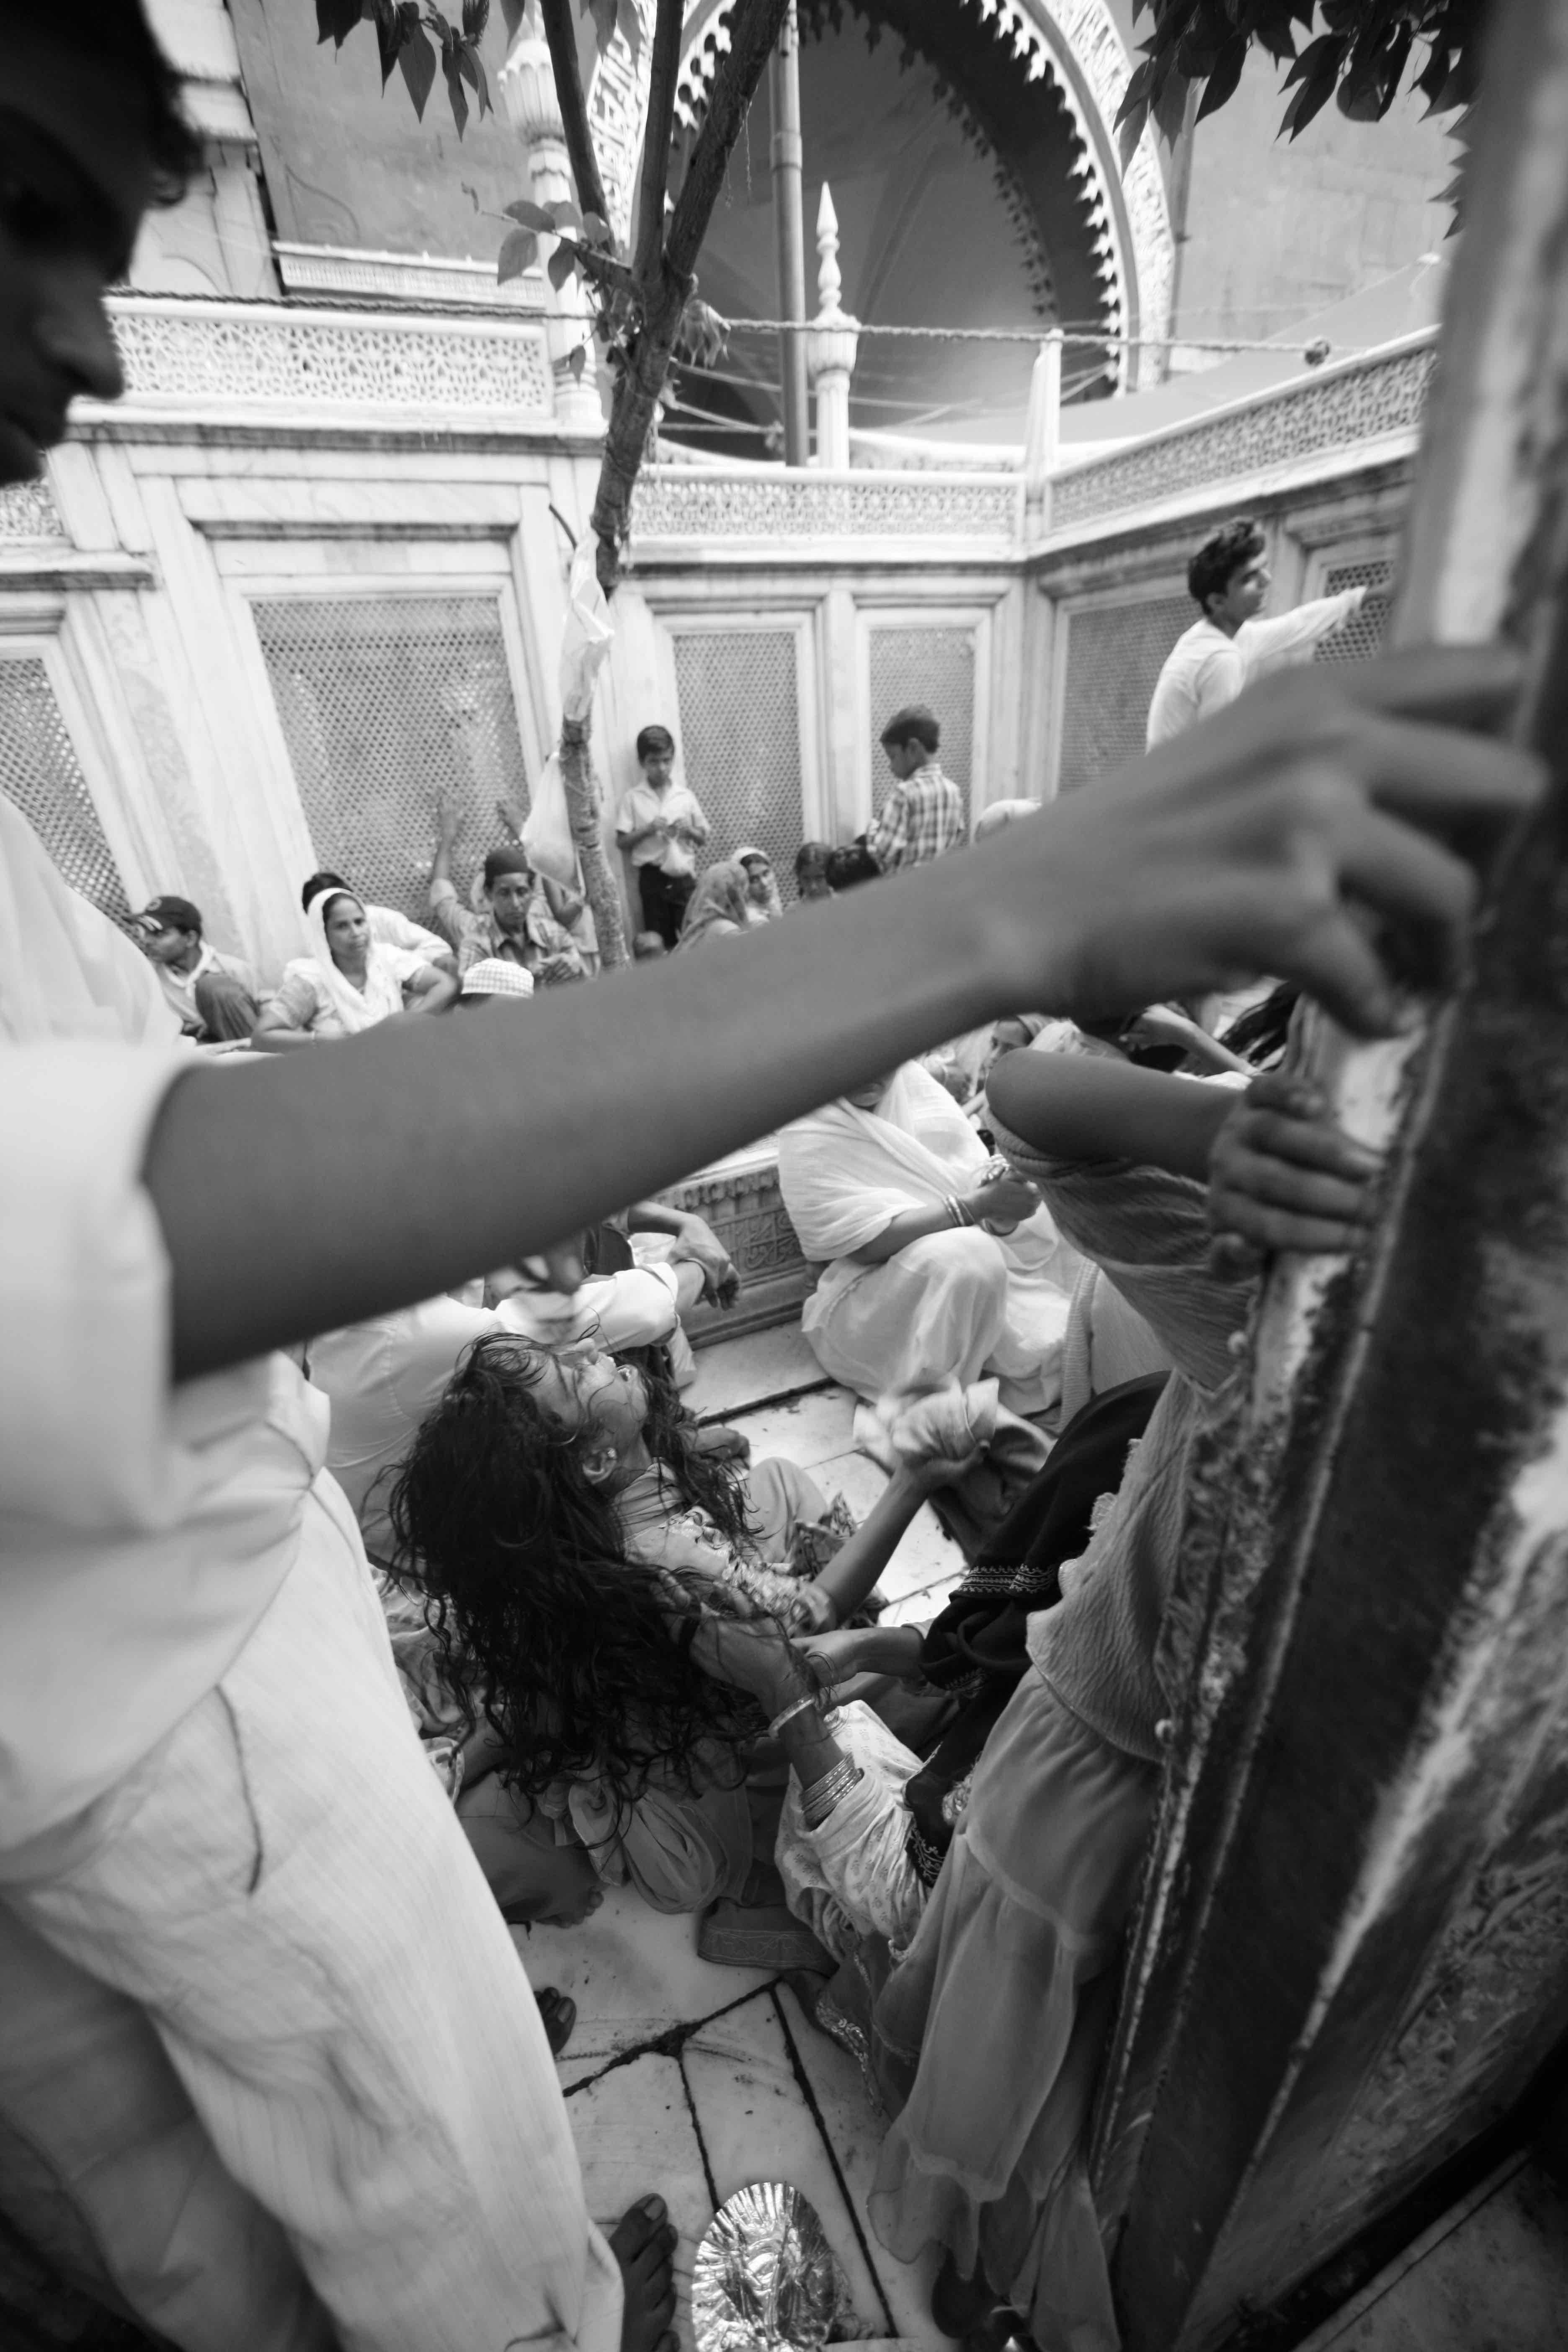 Sufi jinn